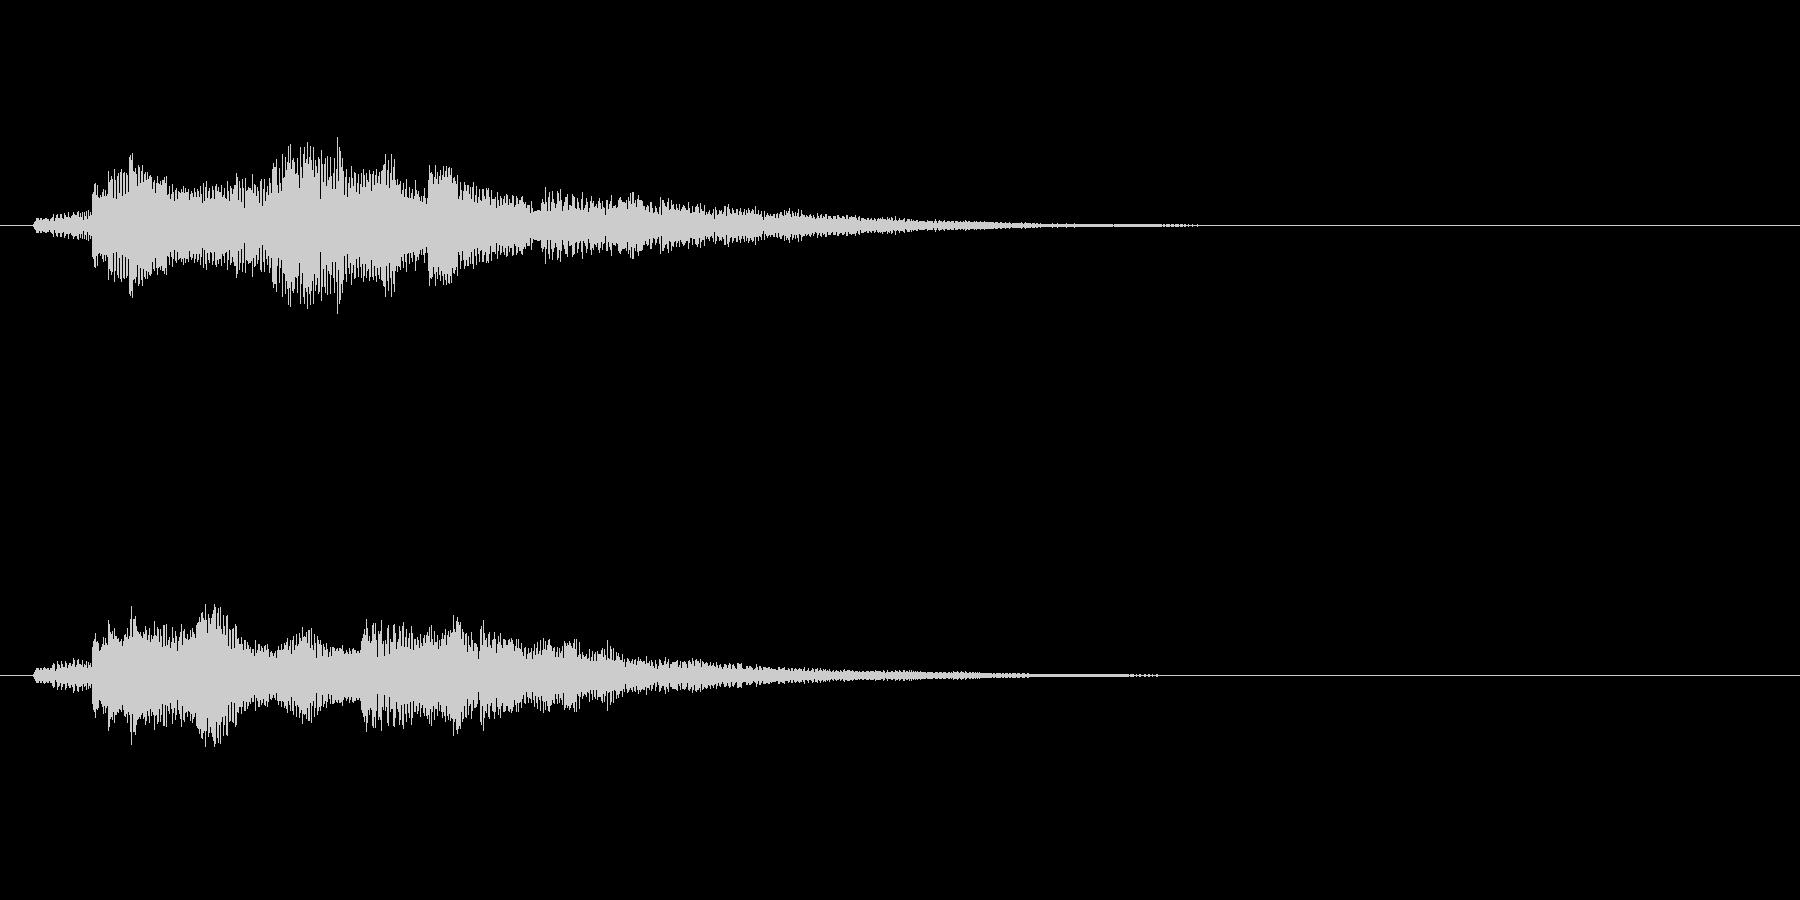 爽やかなギターサウンドロゴ の未再生の波形